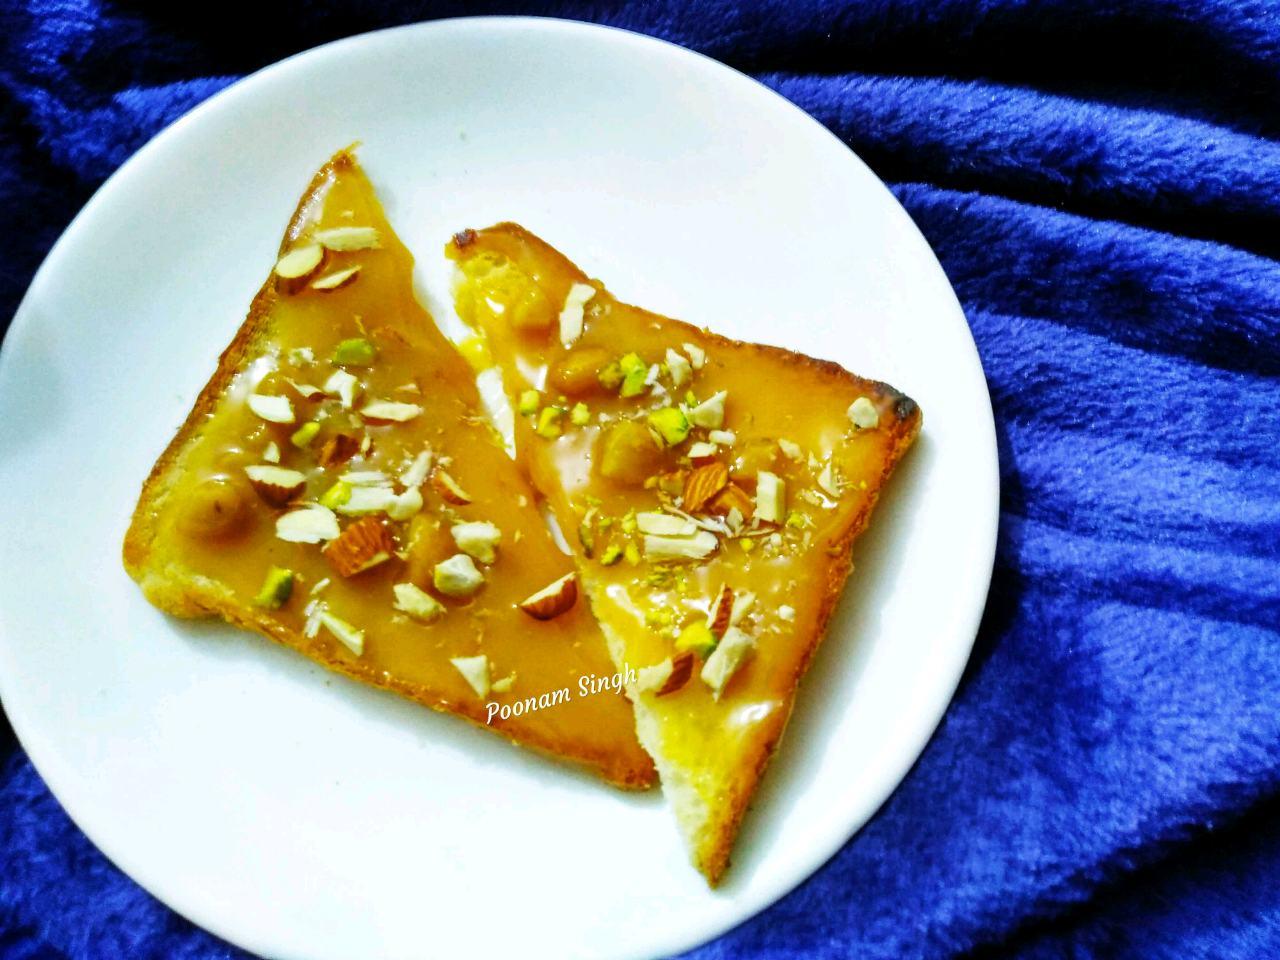 Caremal Nut Open Sandwich